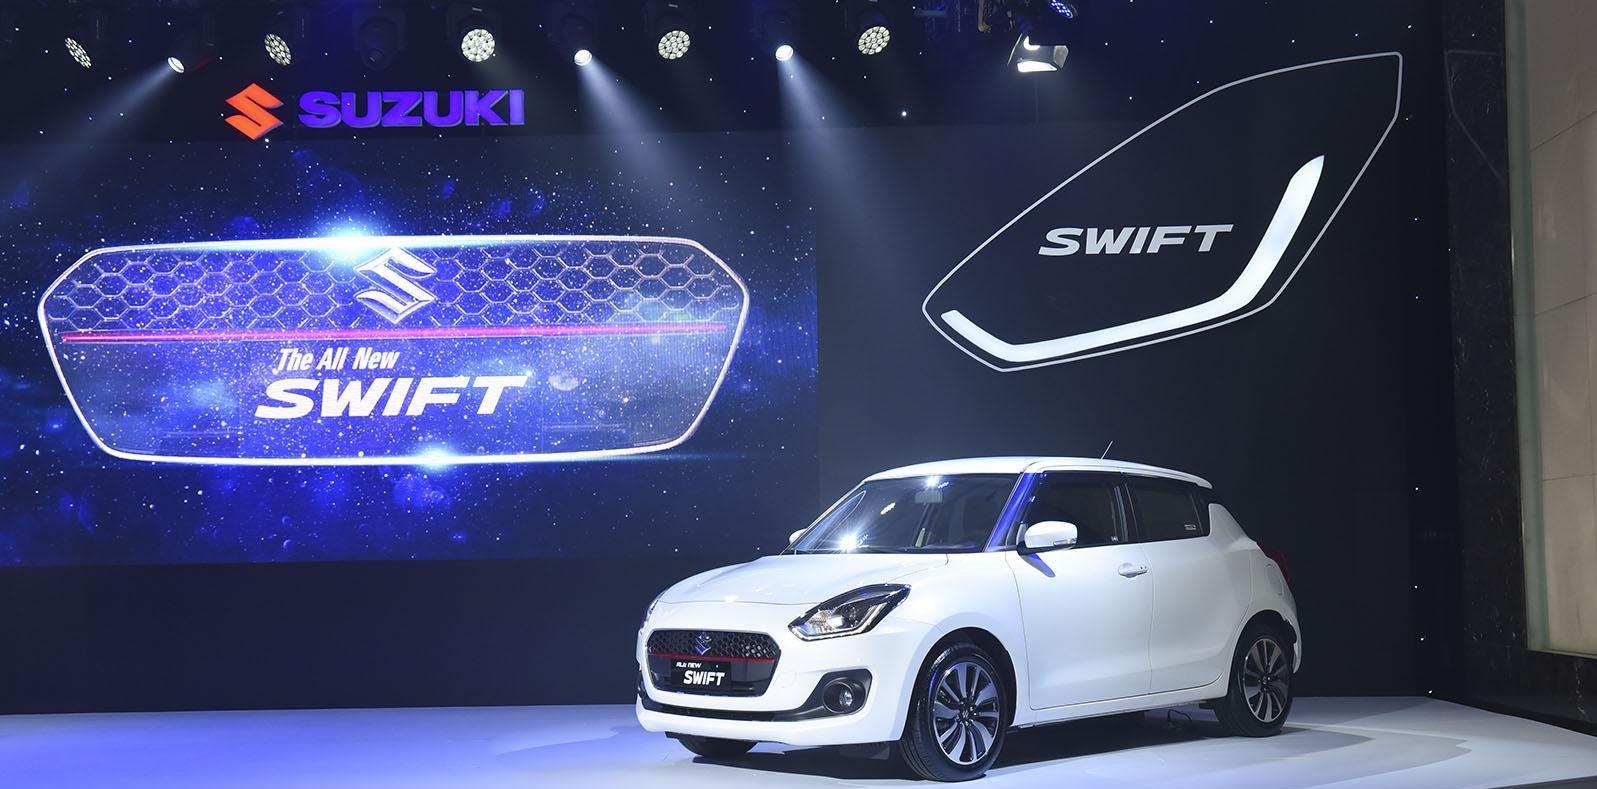 Suzuki Swift 2018 chính thức trình làng tại Việt Nam, 499 triệu đồng 7